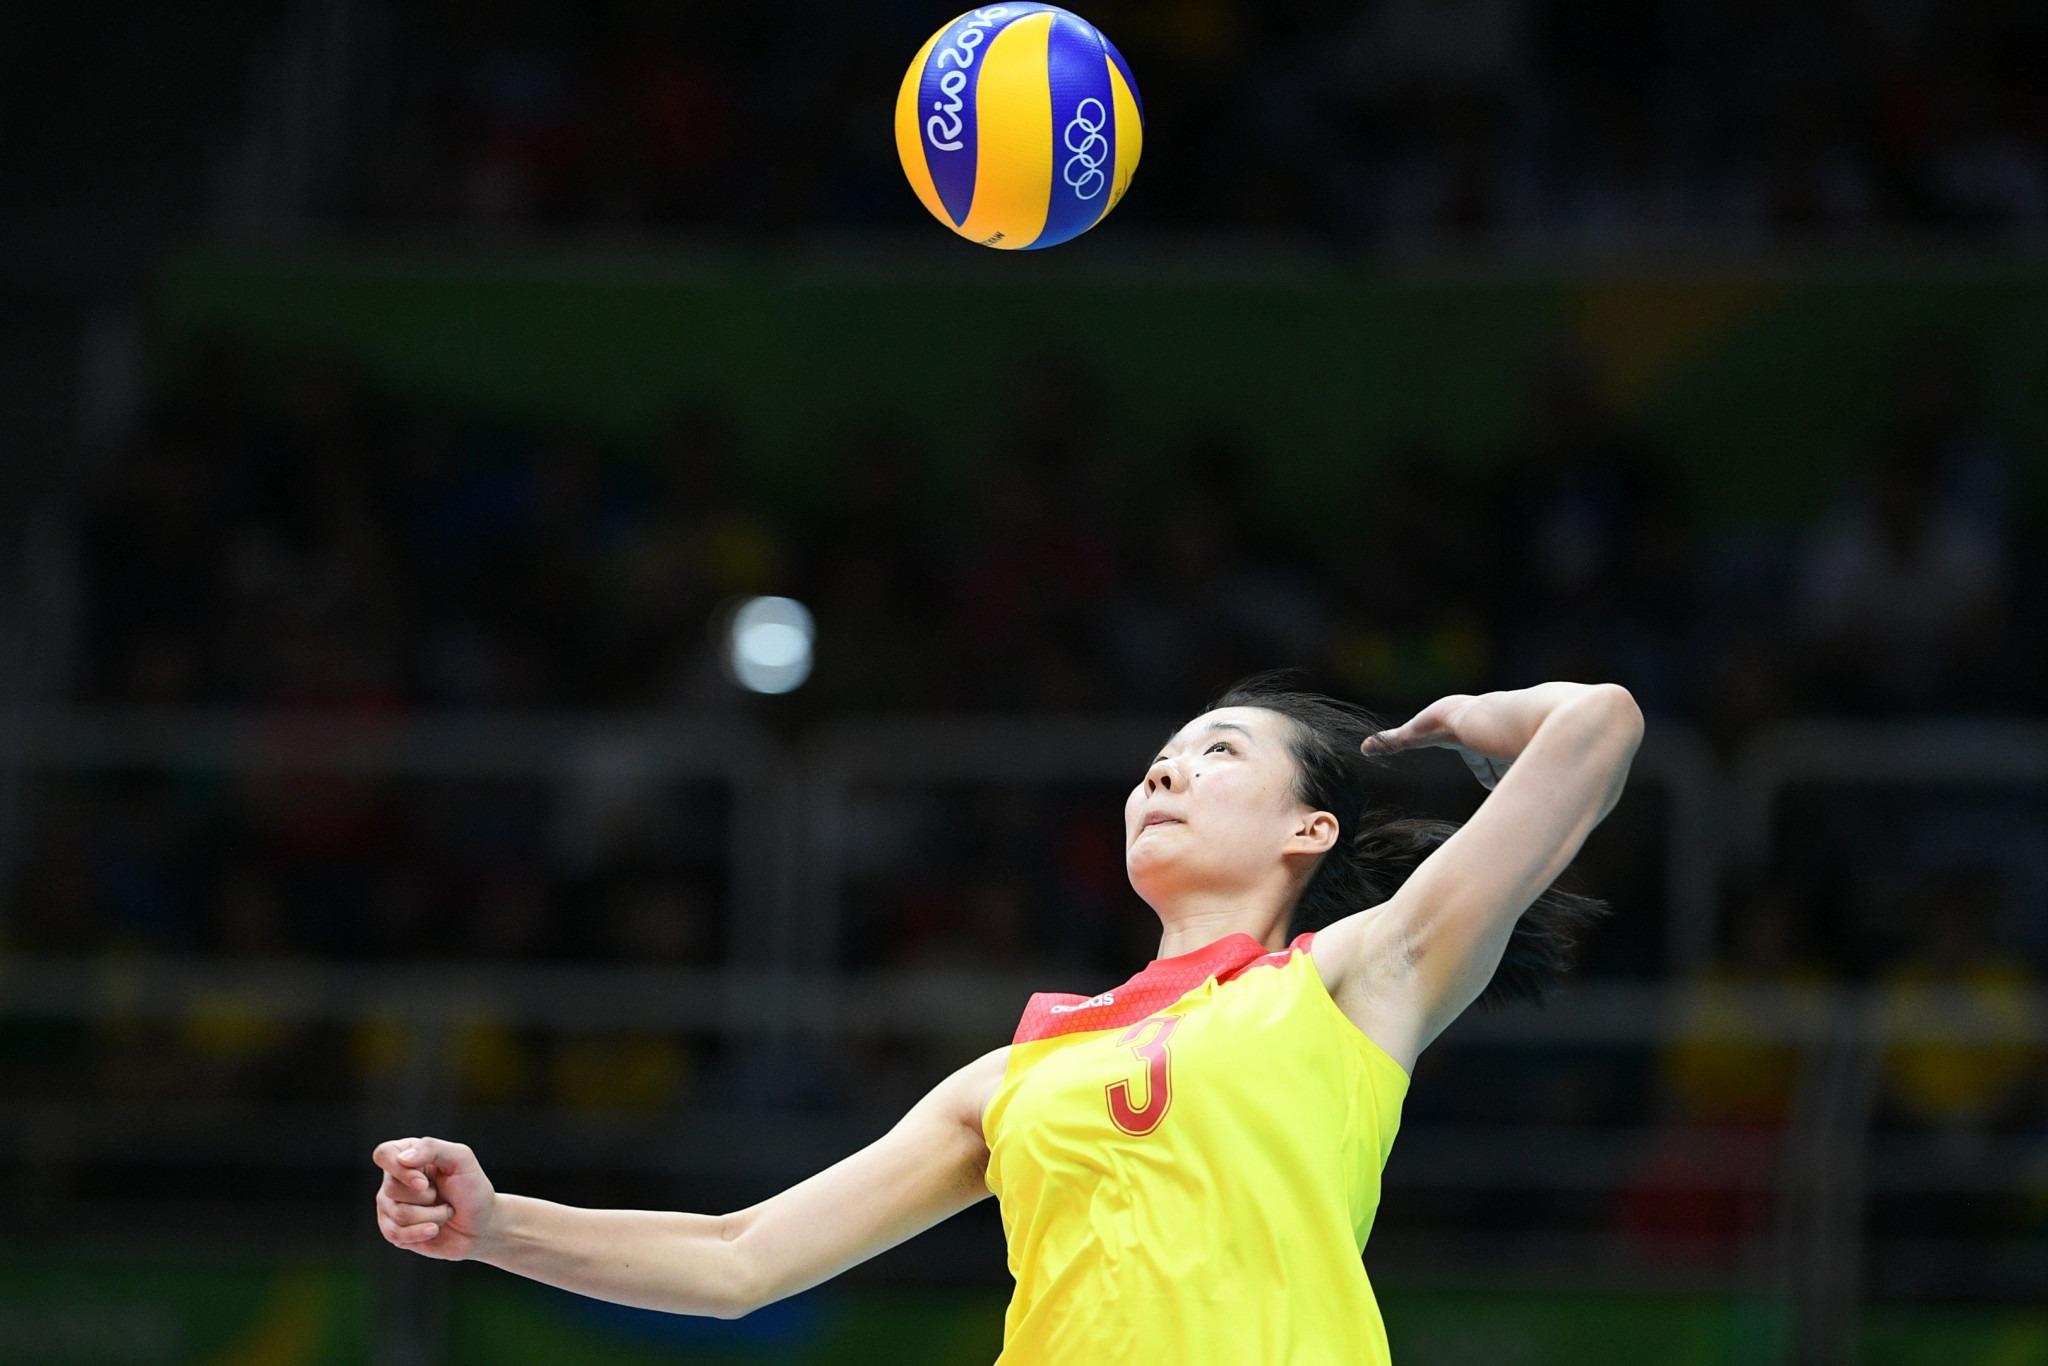 Yang Fangxu, membro da seleção chinesa feminina de vôlei campeã olímpica na Rio 2016, foi suspensa pela Agência Antidoping da China (Chinada) depois de testar positivo para eritropoietina. U